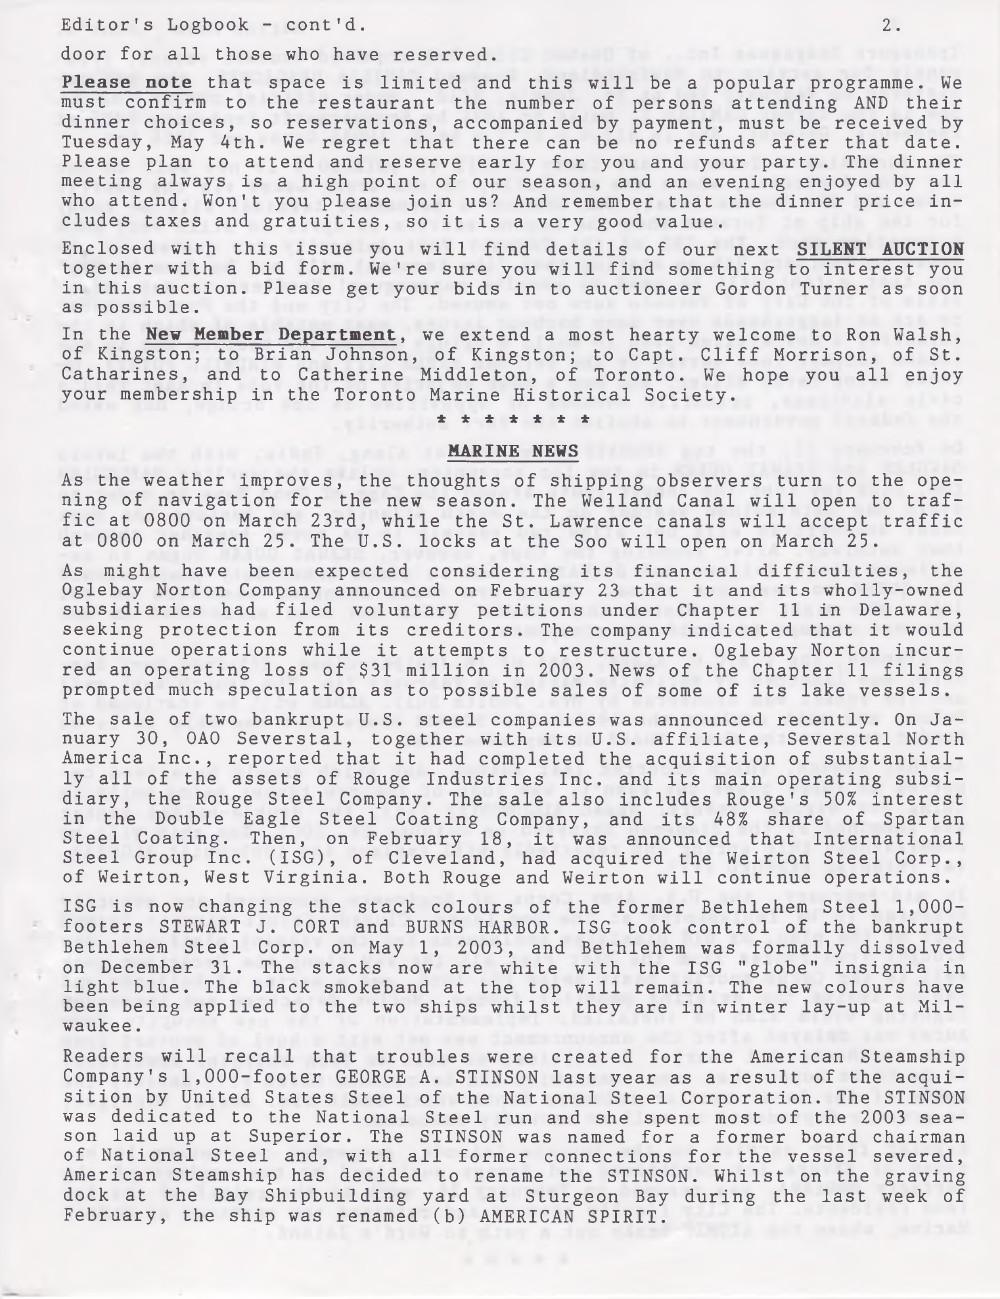 Scanner, v. 36, no. 6 (March 2004)